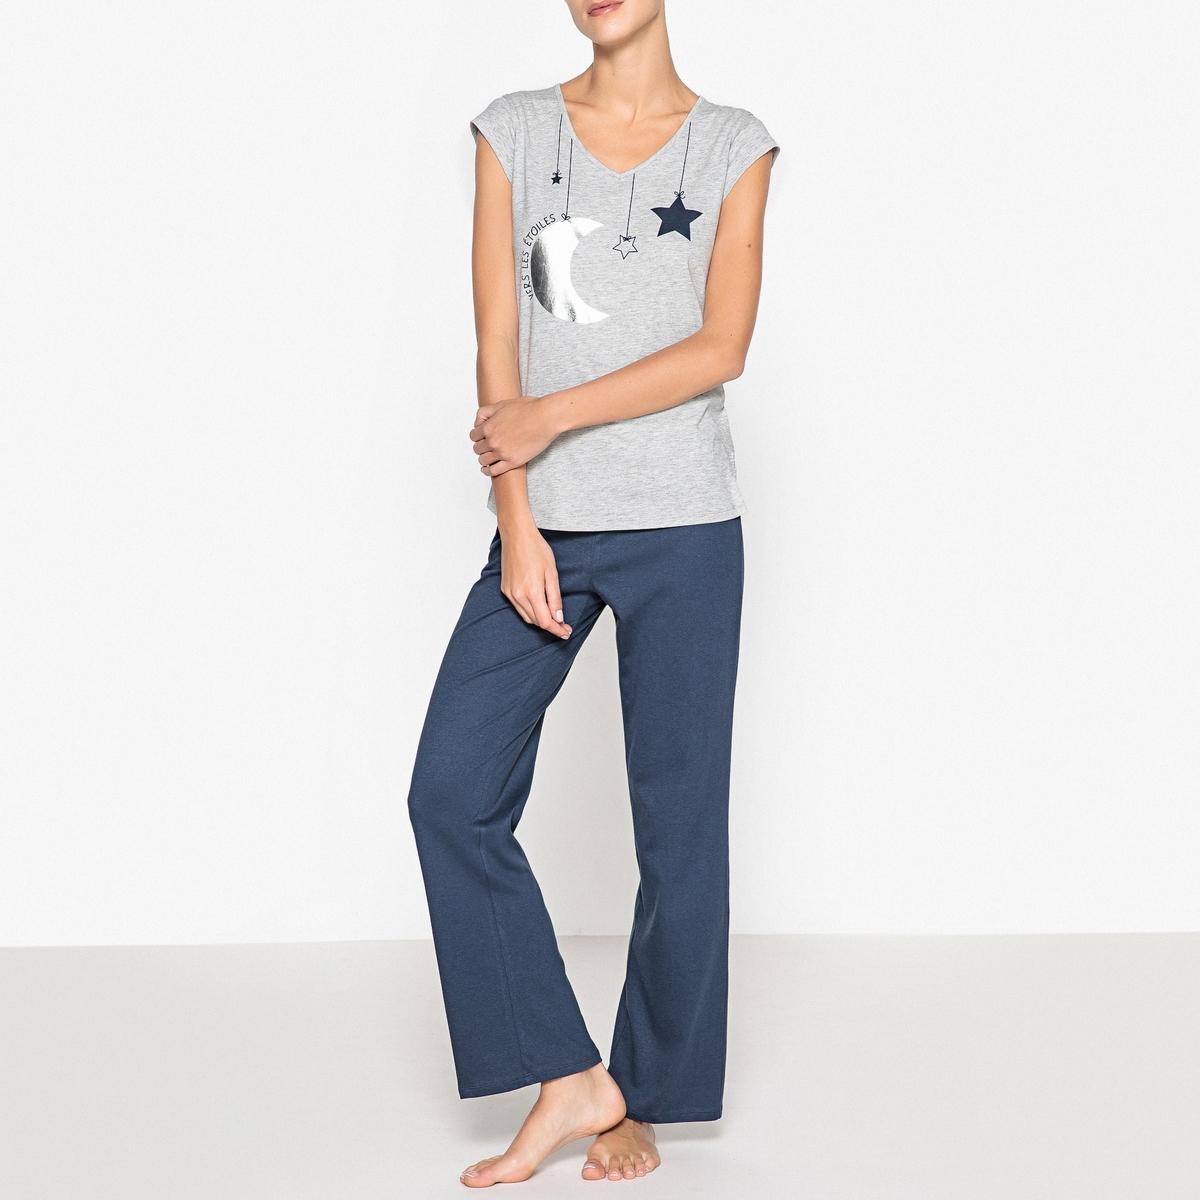 Пижама с рисункомСтильная и комфортная пижама. Верх с короткими рукавами и V-образным вырезом: очень уютный!Состав и описаниеПижама прямого покроя, верх с короткими рукавами с небольшими отворотами и  V-образным вырезом.Брюки с эластичным поясом Материал : 95% хлопка, 5% вискозыРазмеры :Топ : 65 смДлина по внутр.шву : 76 смУход : Стирать с вещами схожих цветов..Стирать, сушить и гладить с изнаночной стороны.<br><br>Цвет: темно-синий/серый меланж<br>Размер: 34/36 (FR) - 40/42 (RUS)